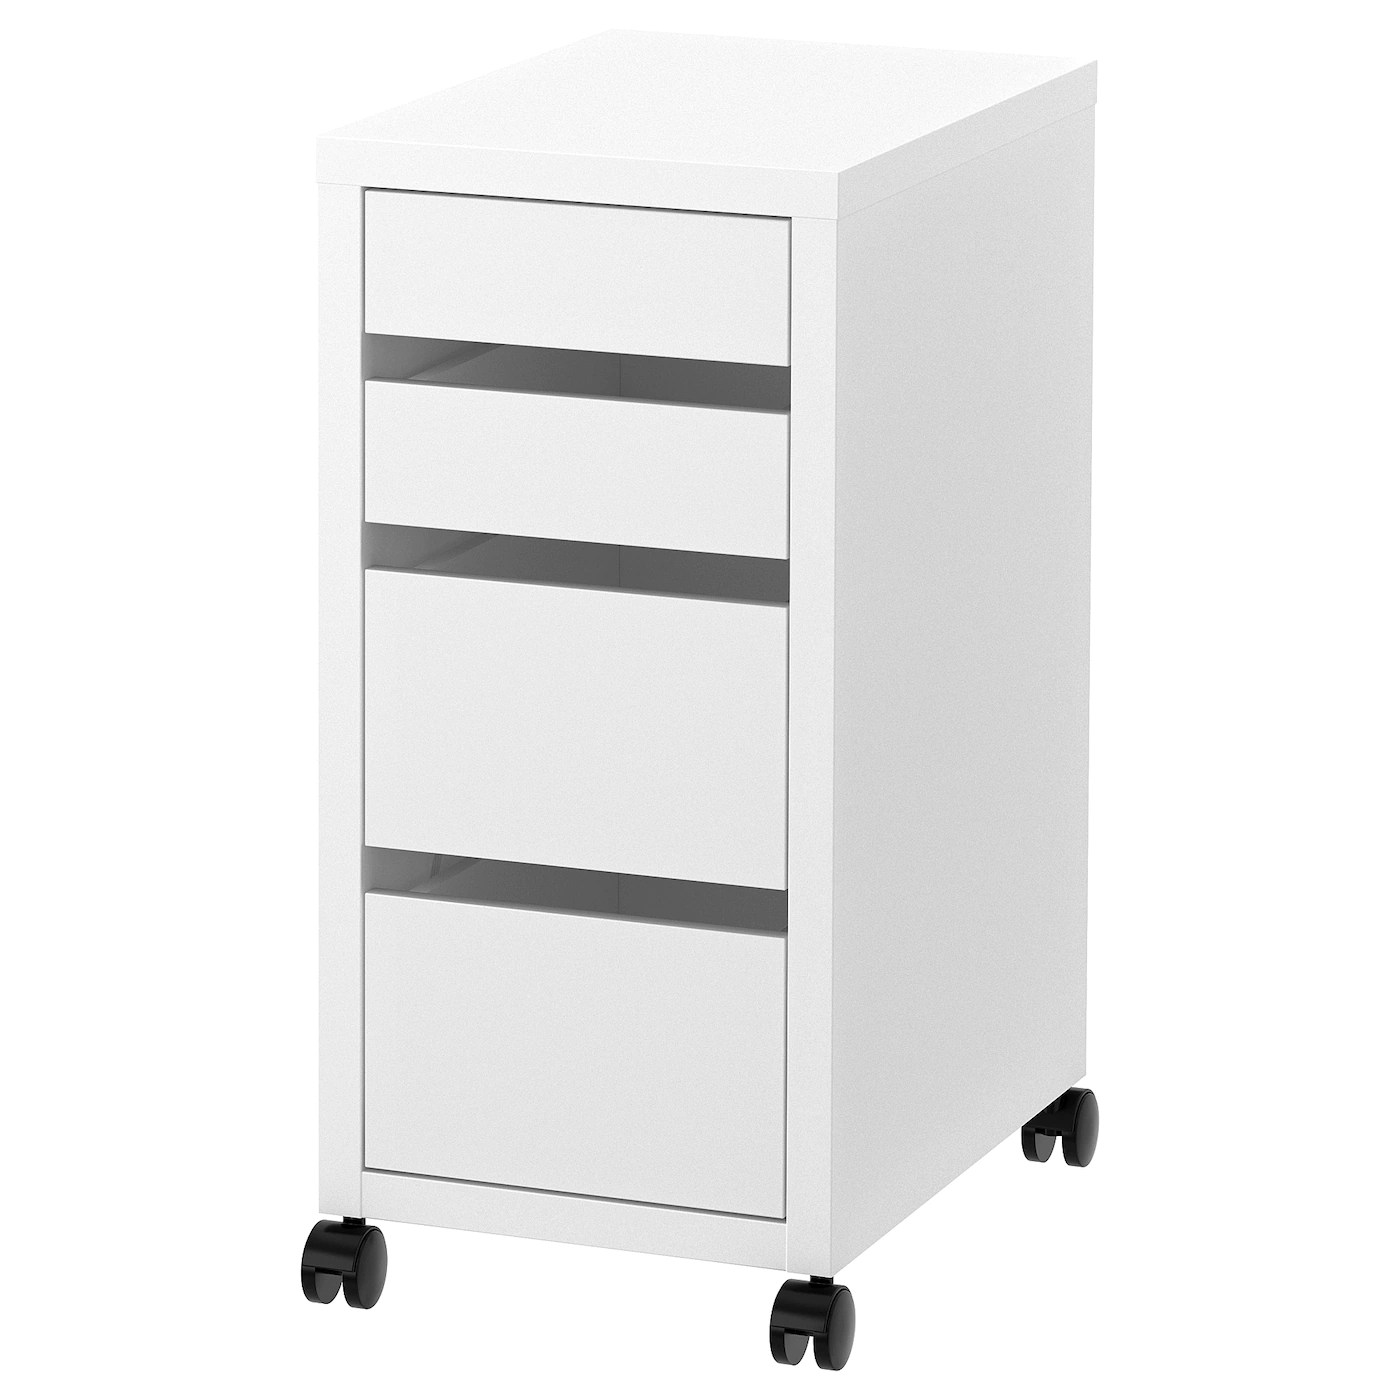 micke caisson a tiroirs sur roulettes blanc 35x75 cm